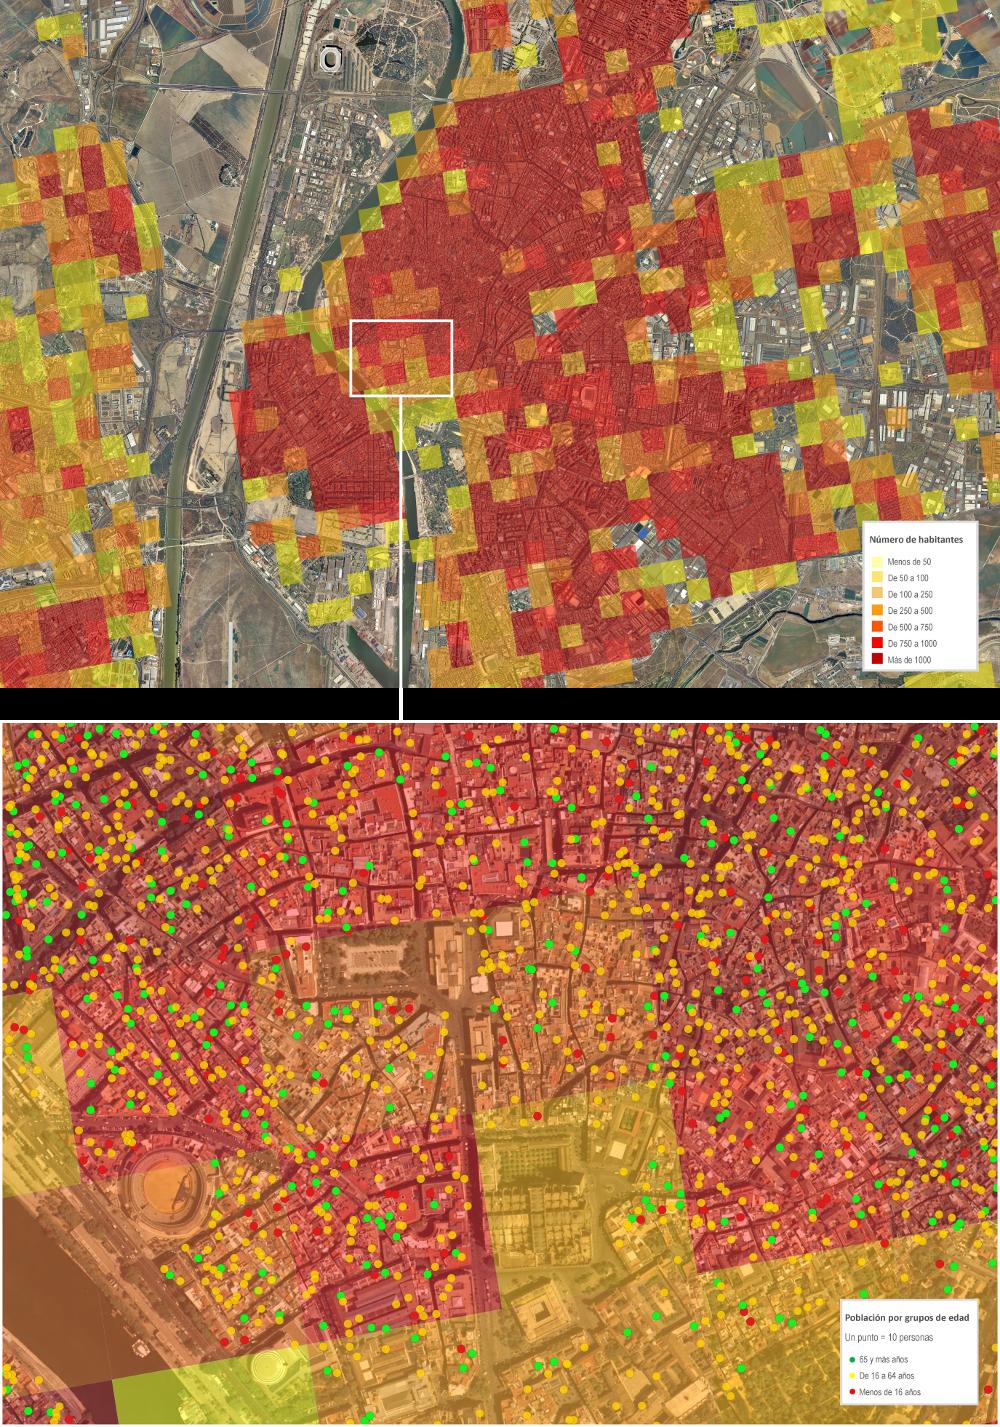 Distribución espacial de la población en Andalucía en cuadricula de 250x250 m. a 1 de enero de 2013. Instituto de Estadística y Cartografía de Andalucía